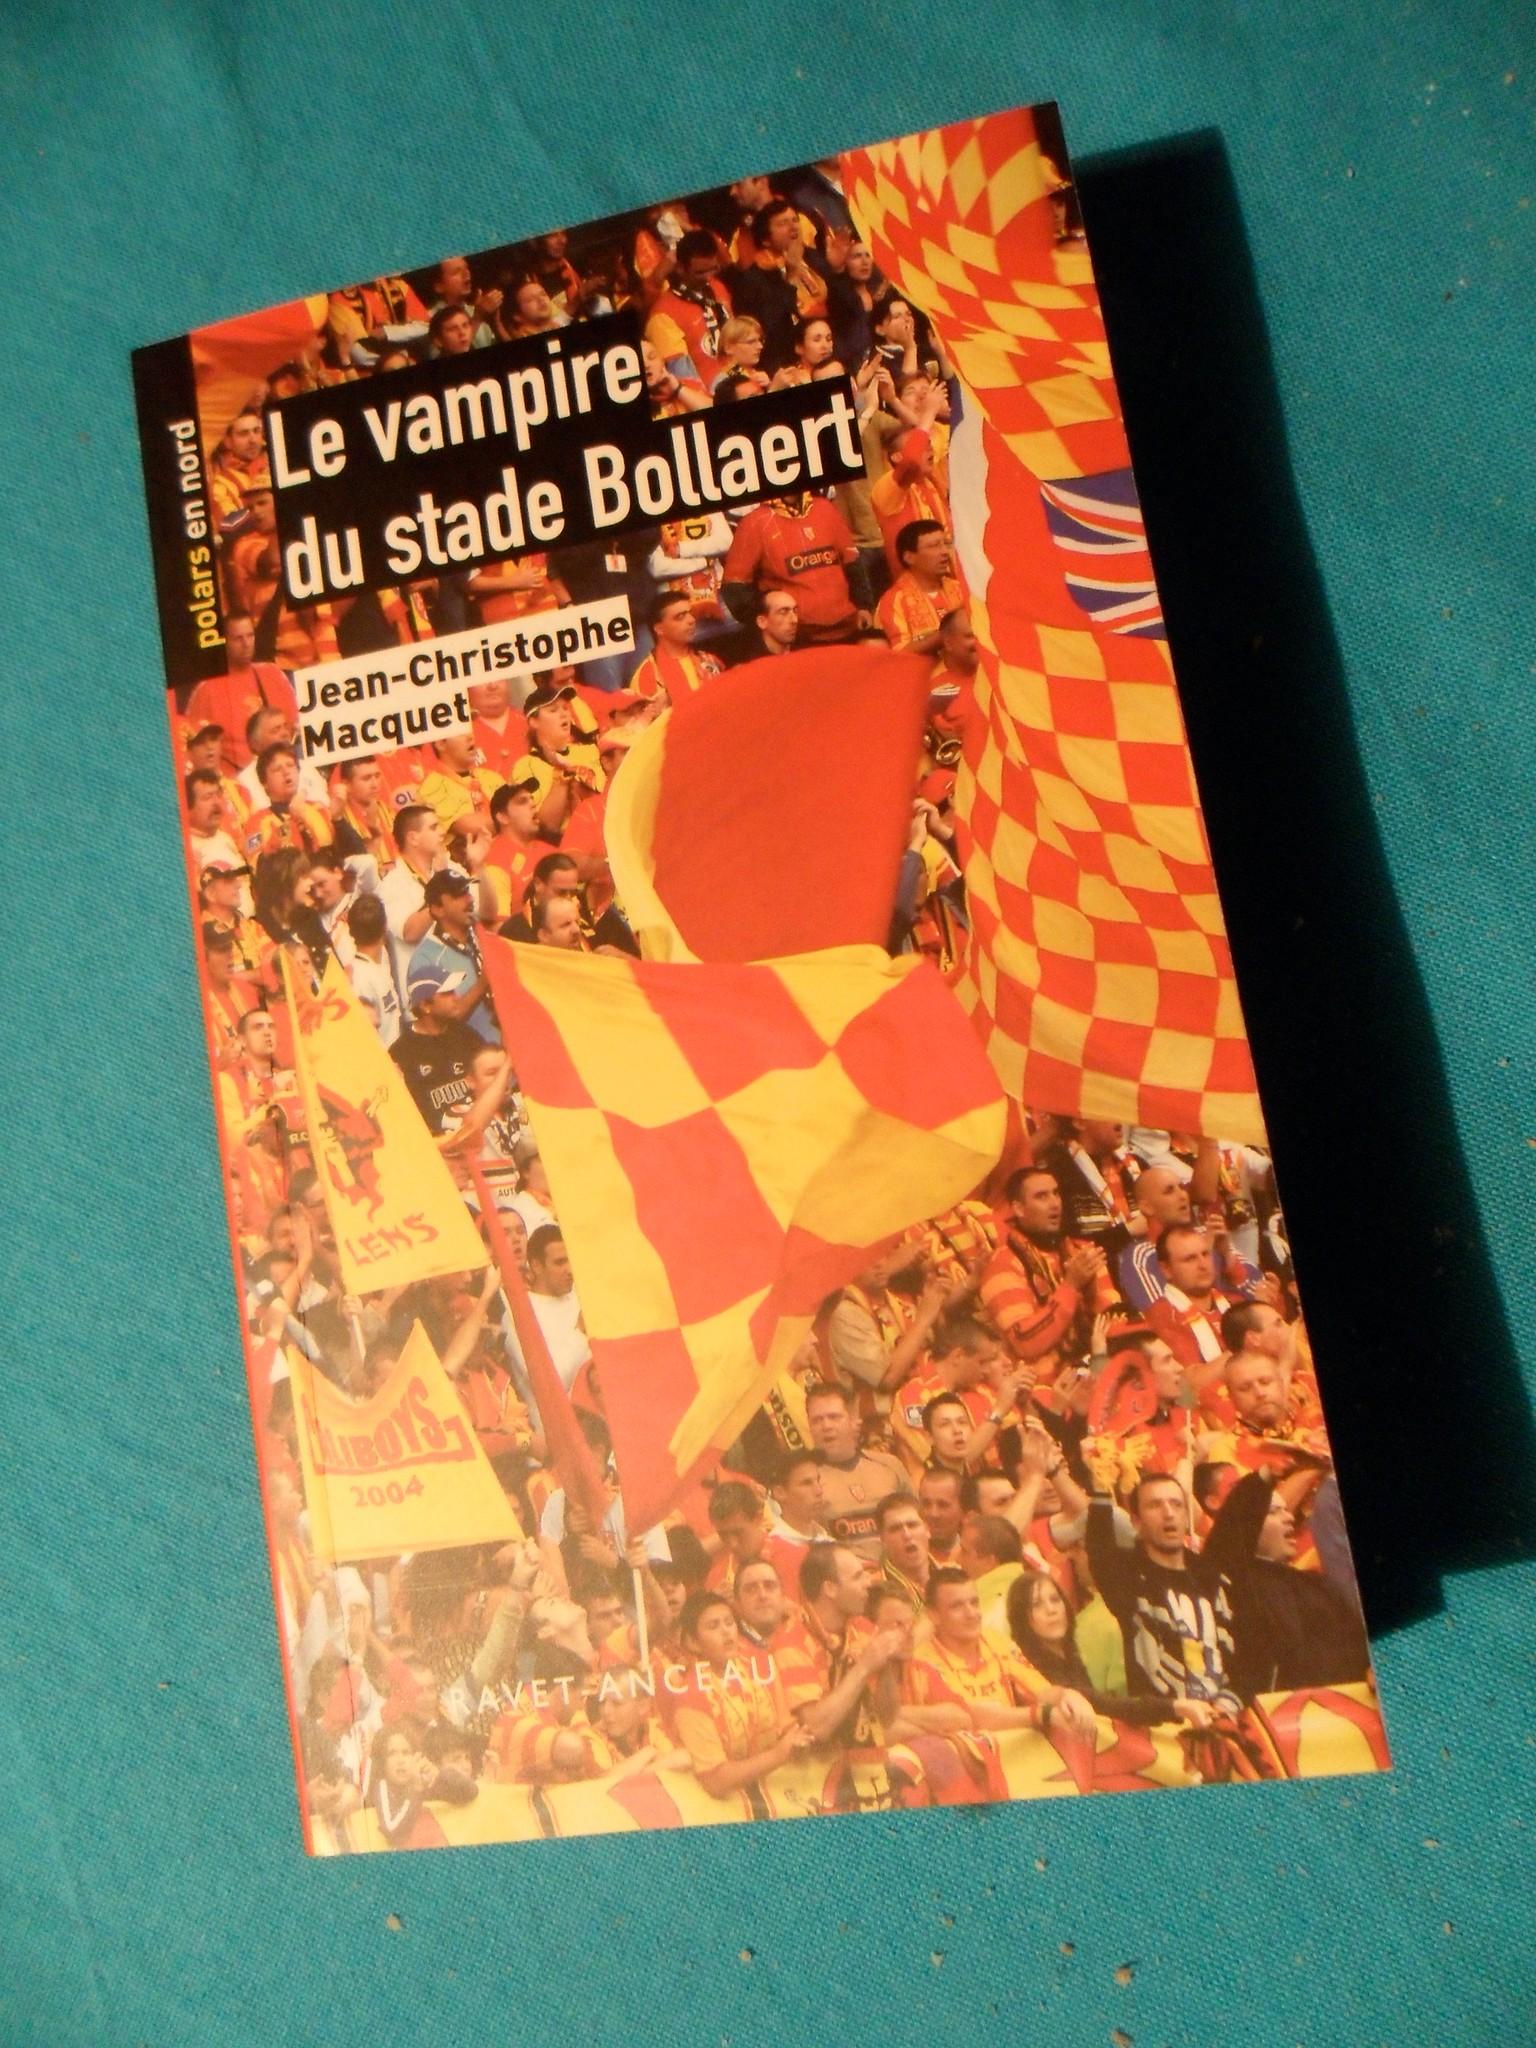 Vampire du Stade Bollaert